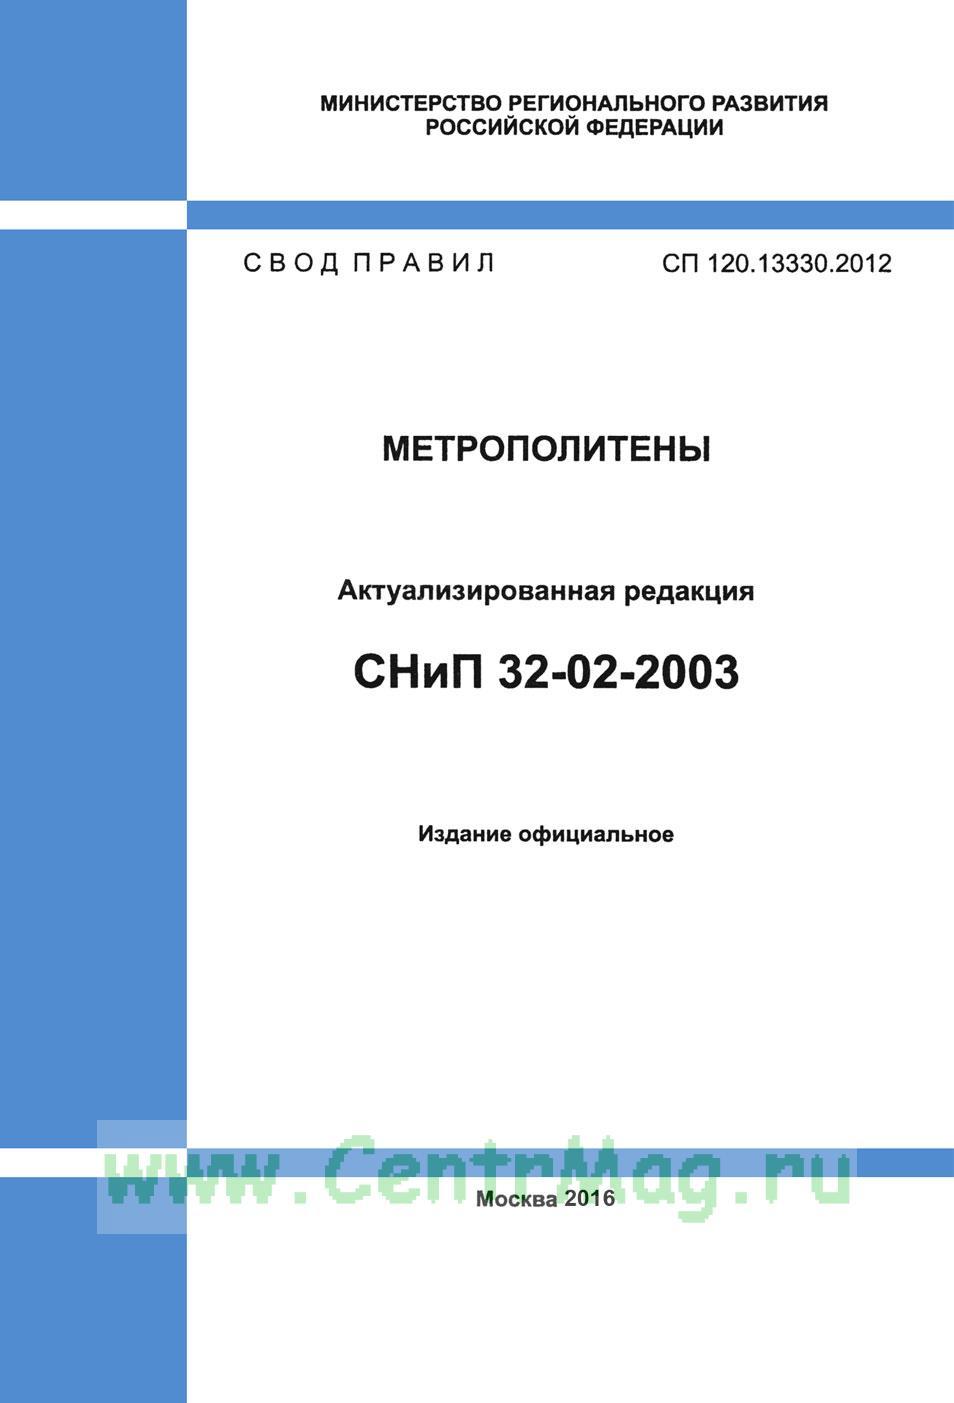 СП 120.13330.2012 Метрополитены. Актуализированная редакция СНиП 32-02-2003